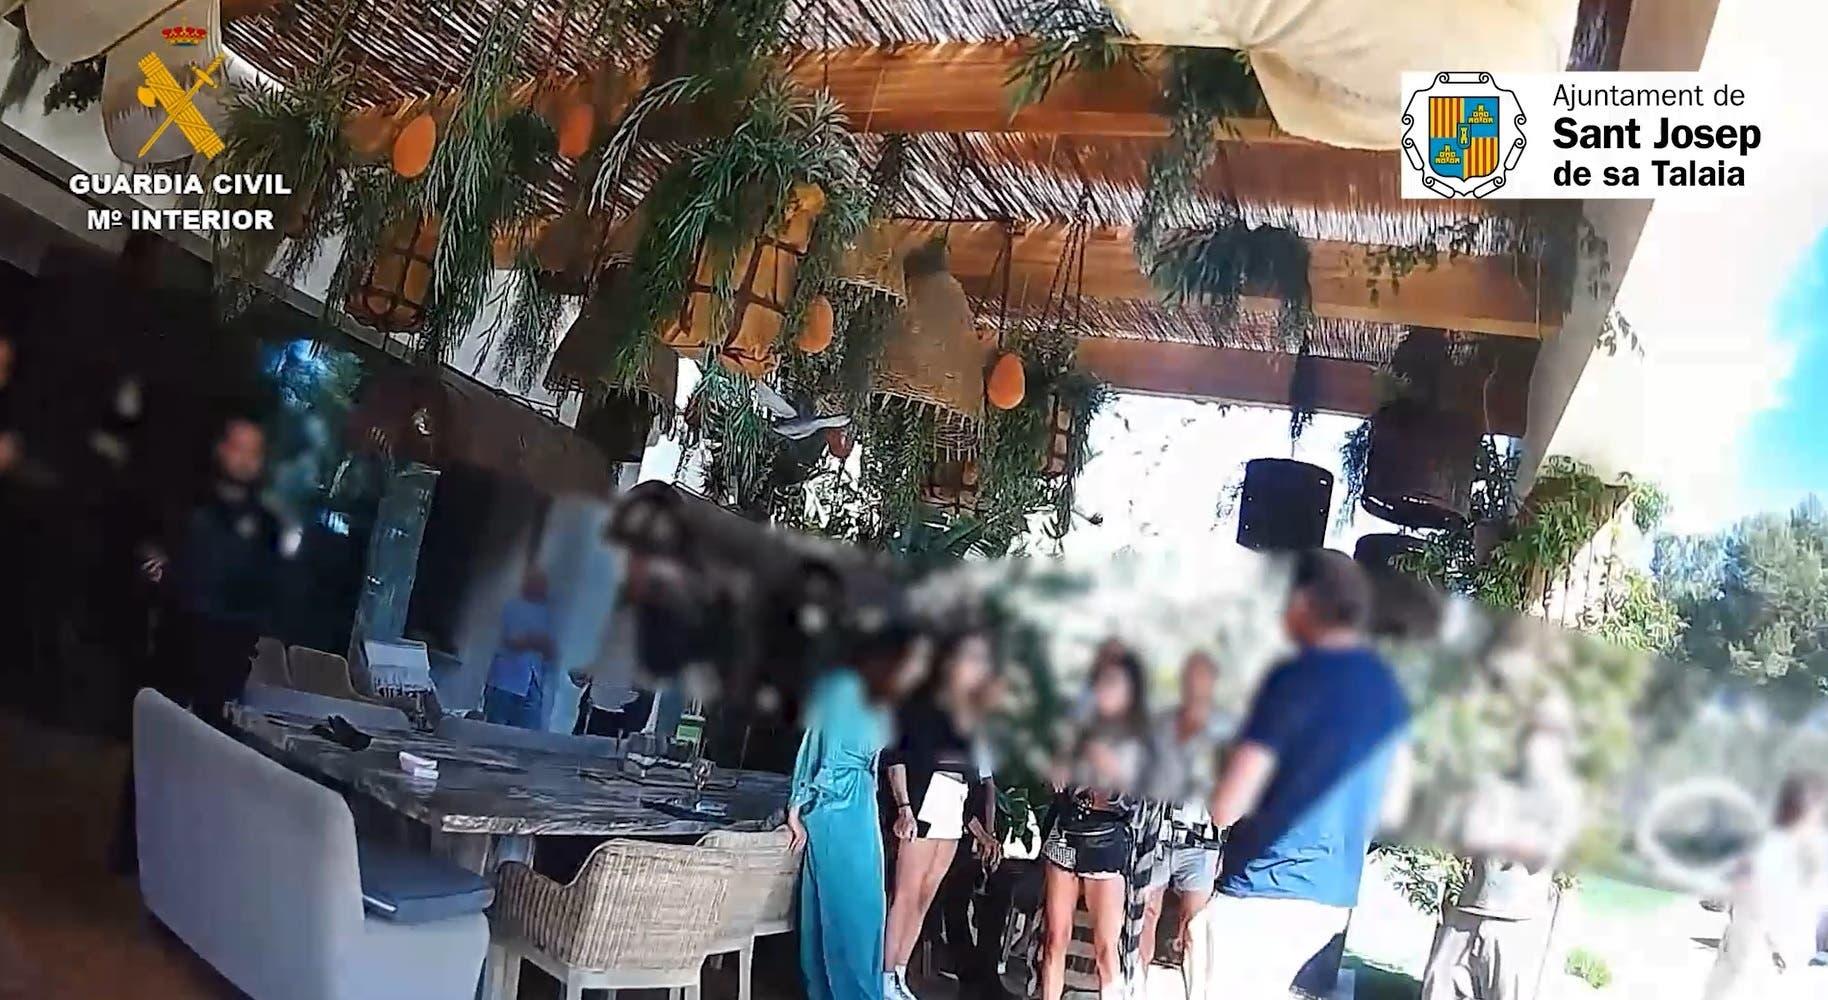 Sucesos Detienen Al Organizador De Una Fiesta En Una Villa Privada De Sant Josep Ibiza